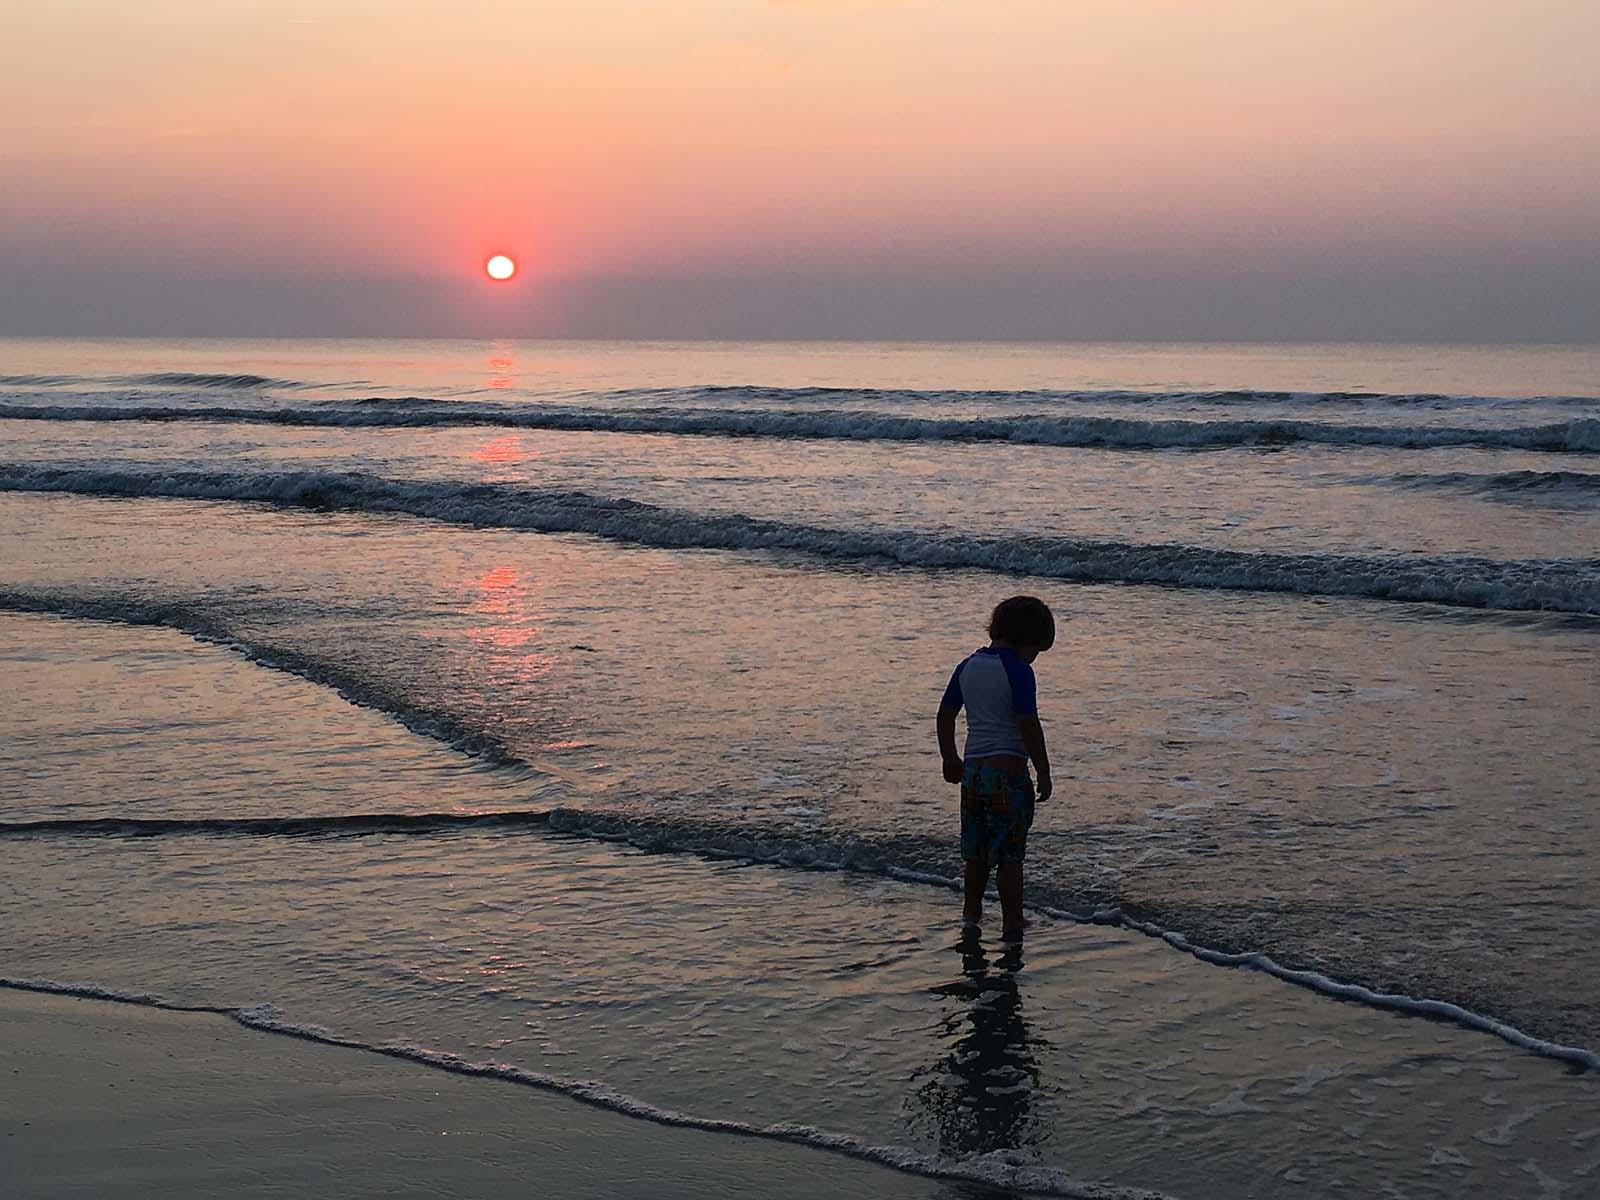 Little boy on the beach at sunrise